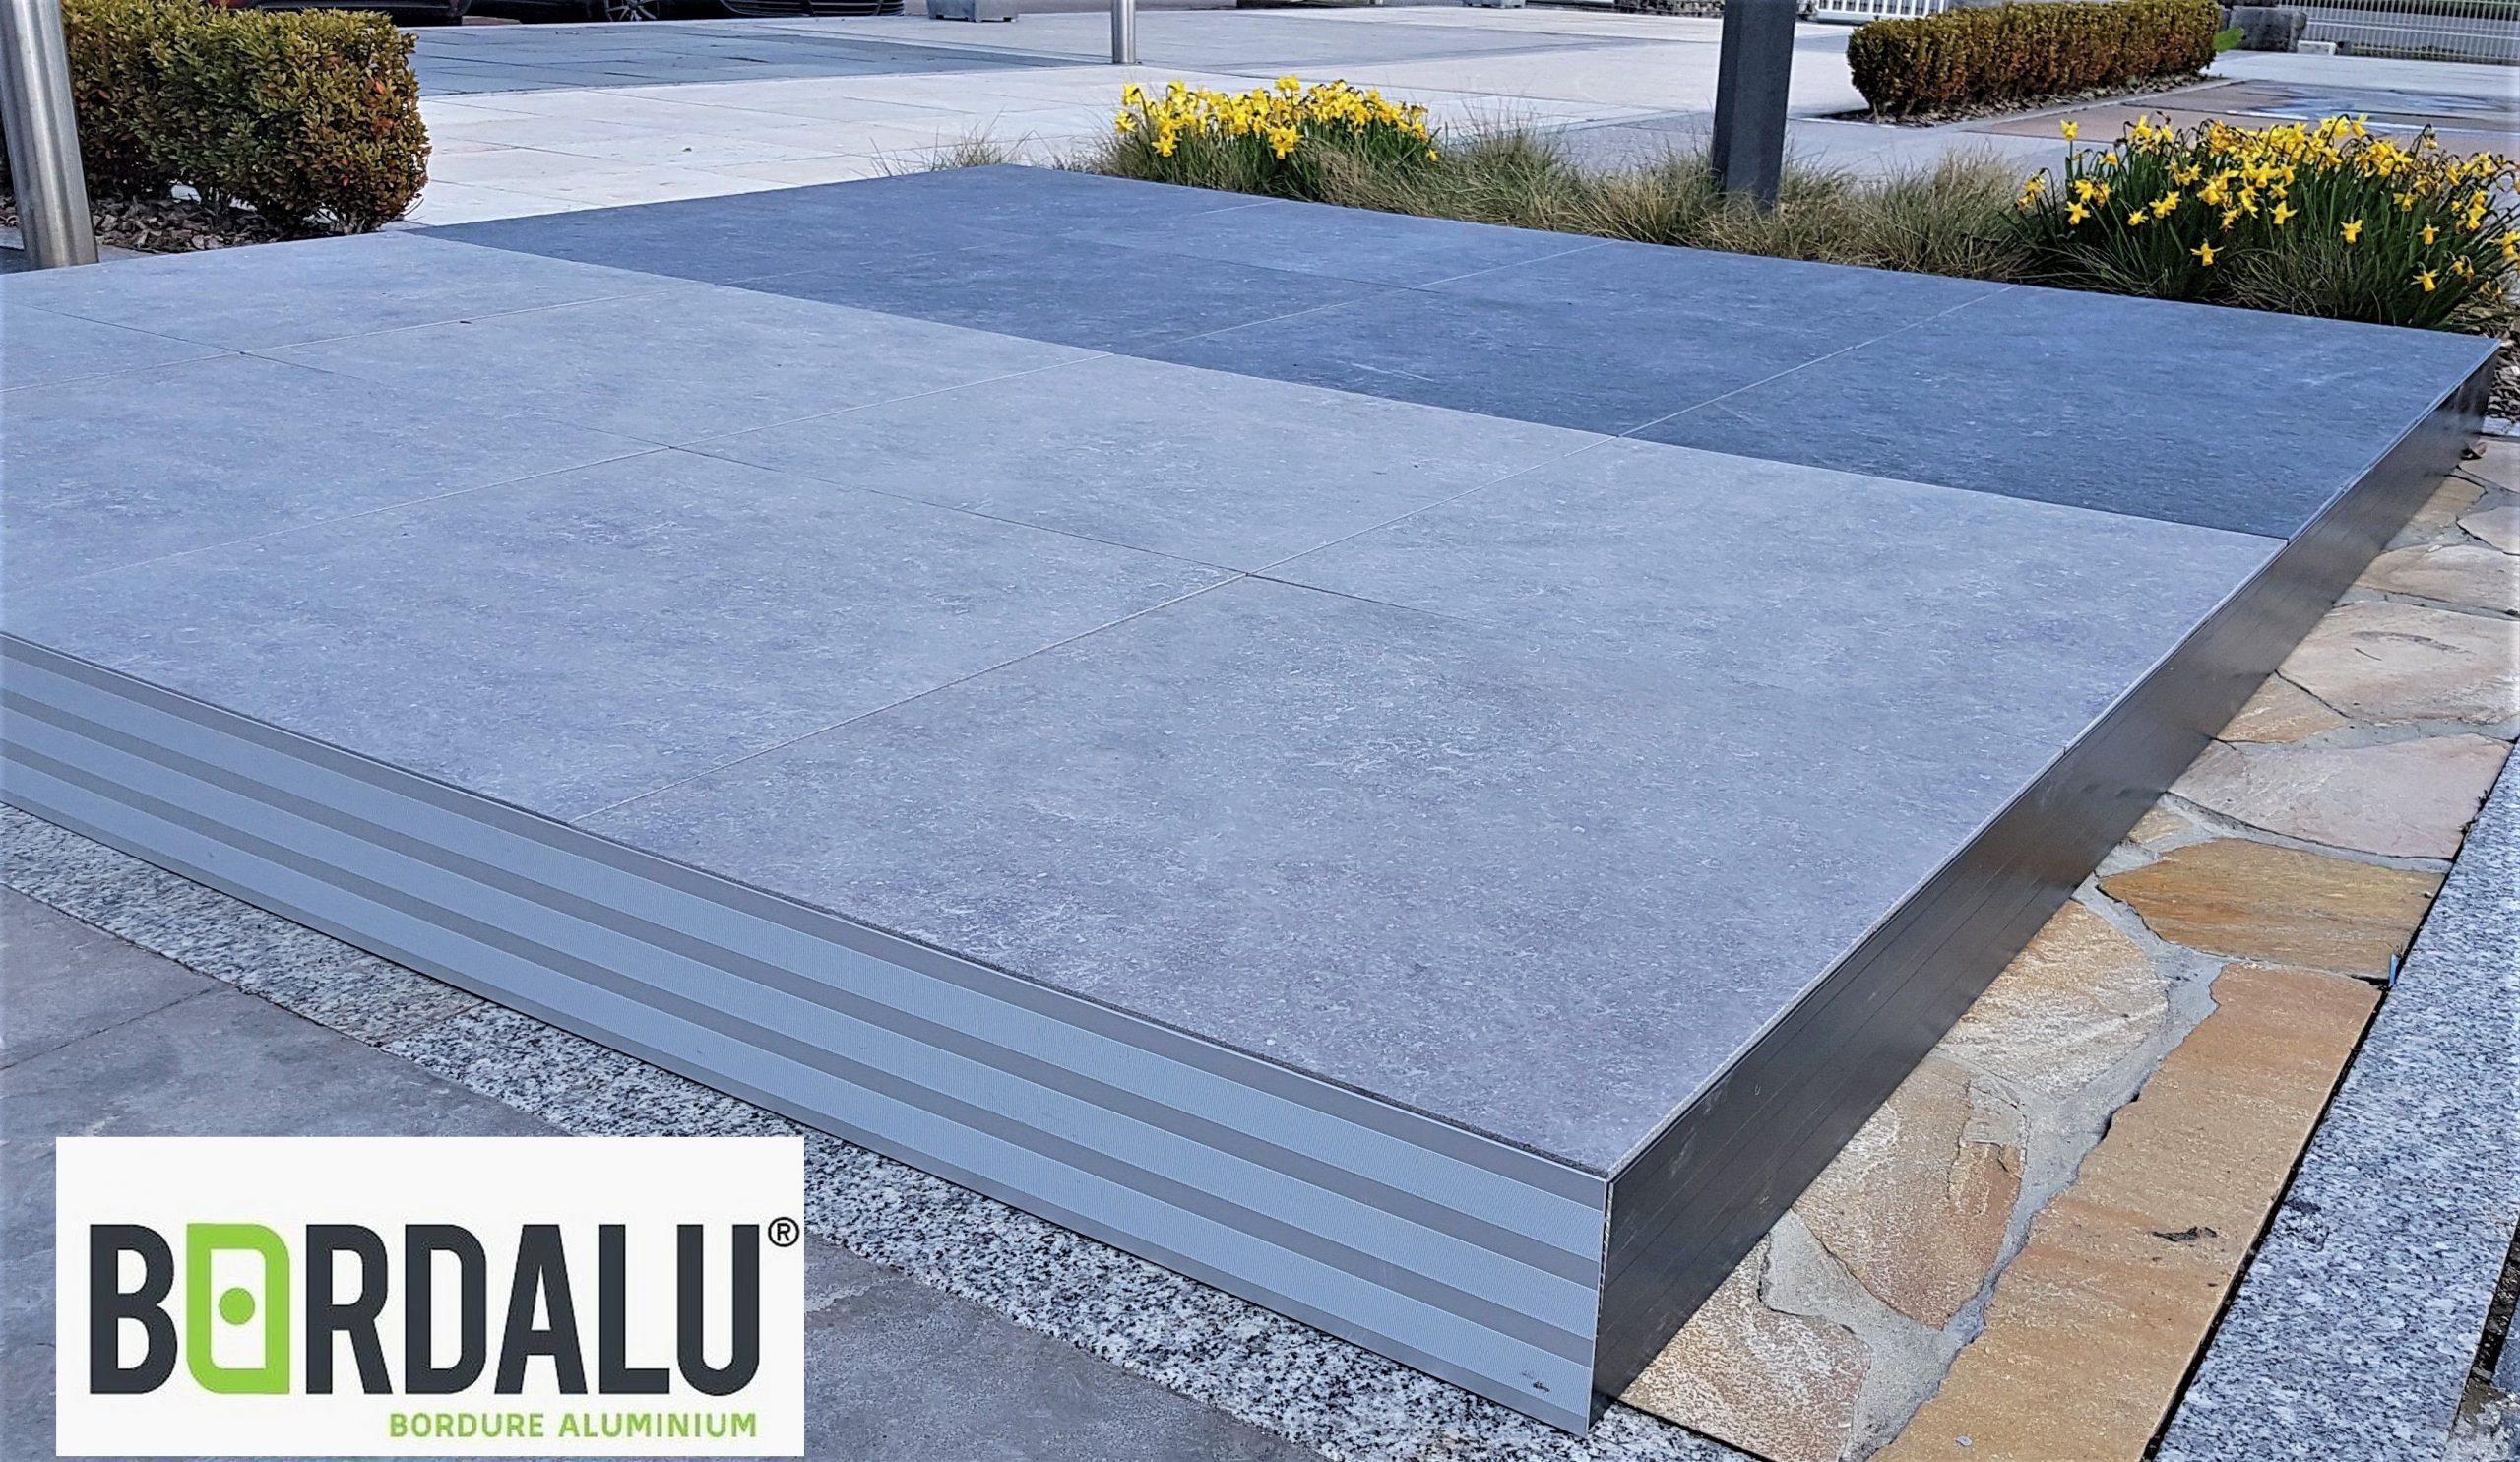 Profil Alu Pour Terrasse Sur Plots   Carrelage Ceramique ... encequiconcerne Finition Bordure Terrasse Dalle Sur Plot